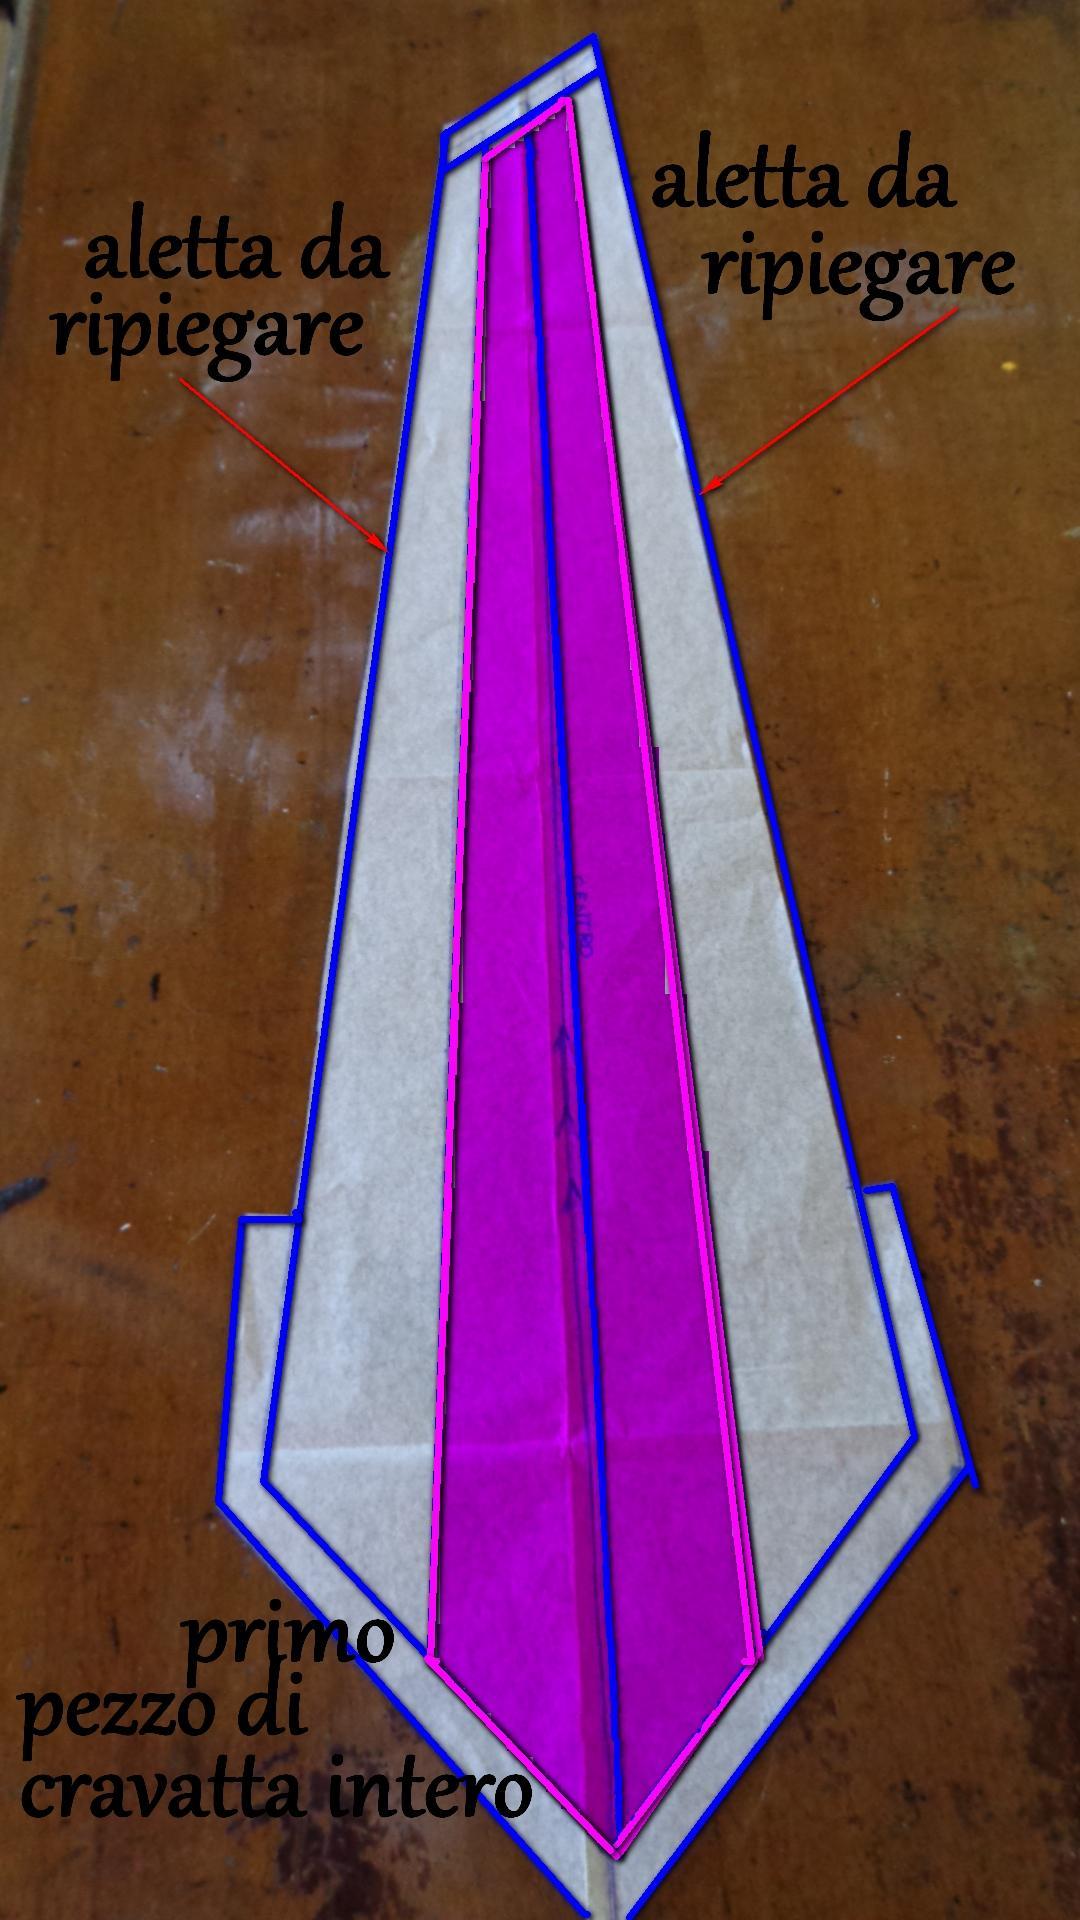 Cartamodello 1°pezzo cravatta classica per intero